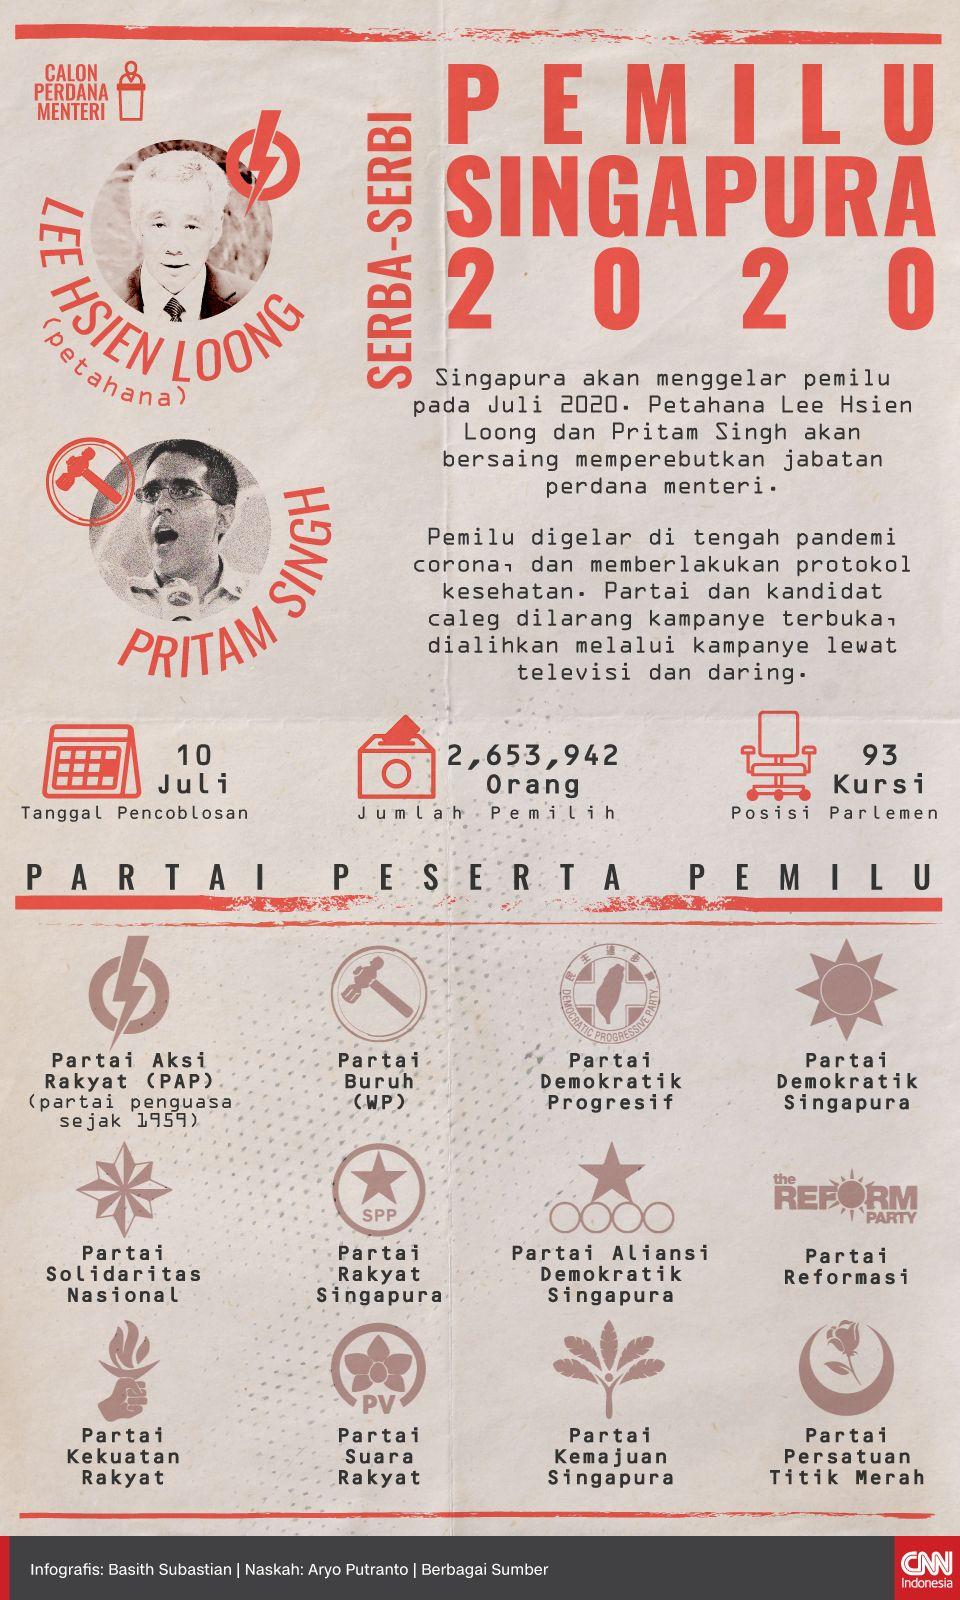 Infografis Serba-serbi Pemilu Singapura 2020